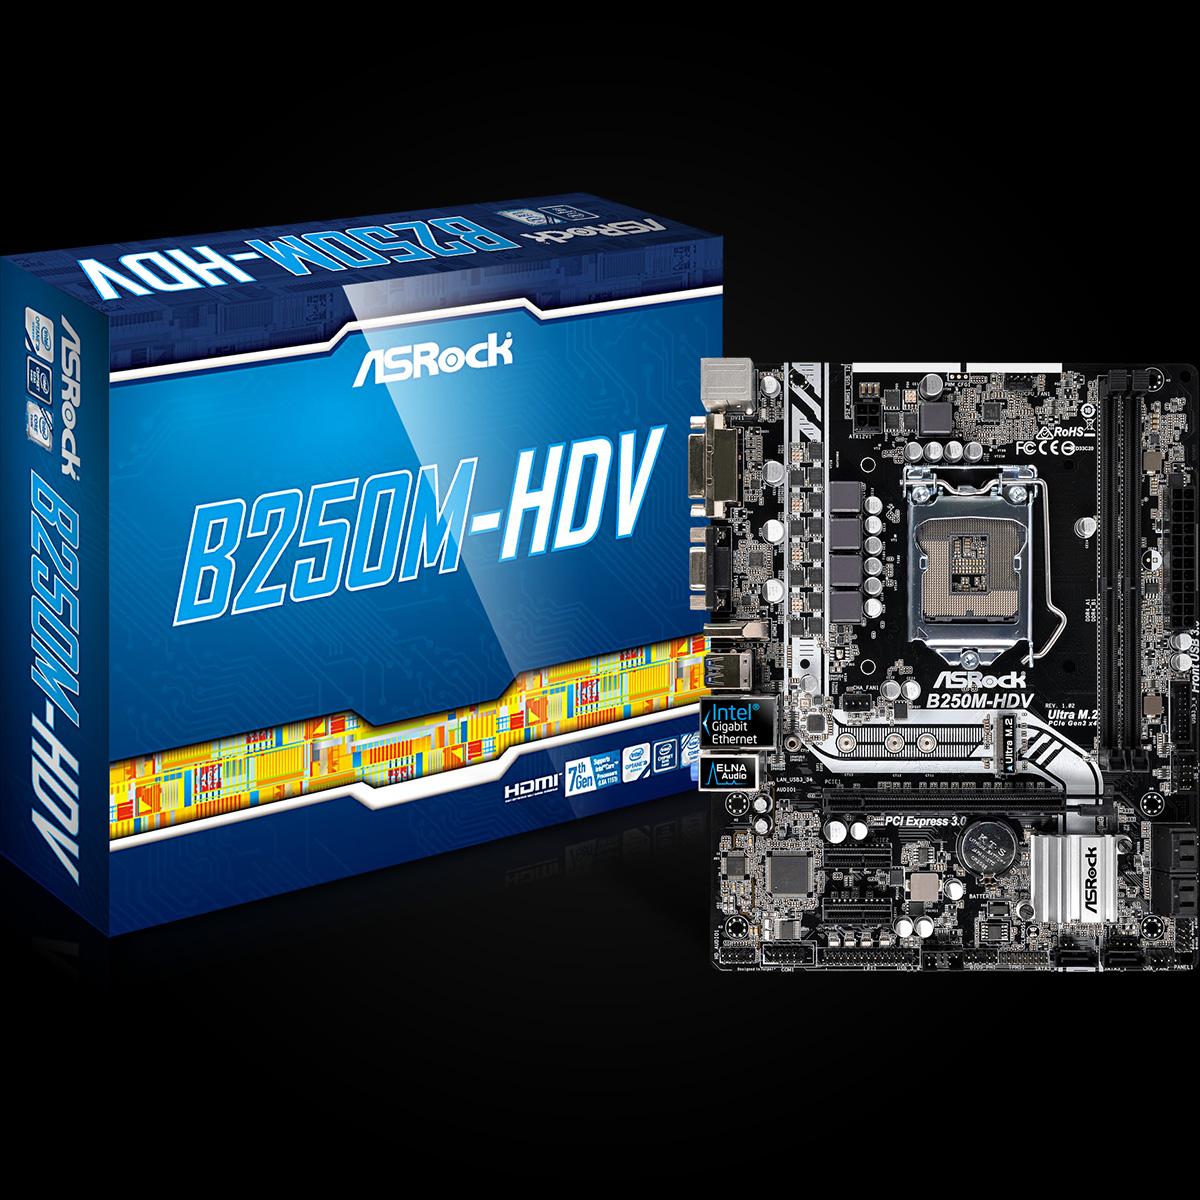 ASROCK INTEL B250M-HDV - SOCKET 1151 - DDR4 - MICRO-ATX MOTHERBOARD